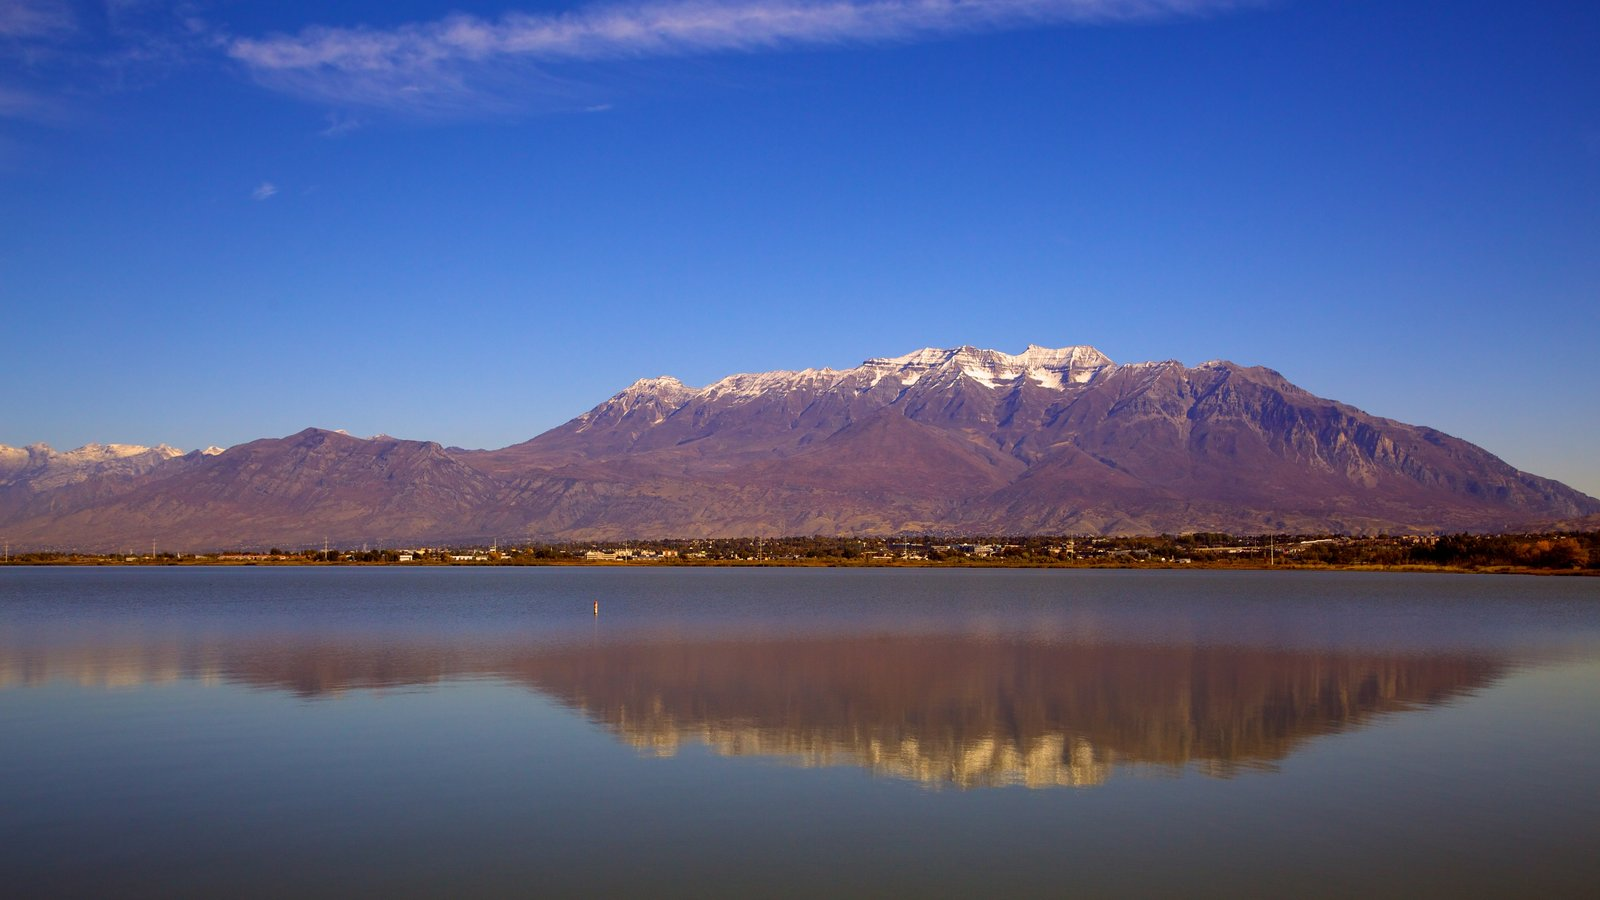 Utah Lake State Park caracterizando um lago ou charco, paisagem e montanhas